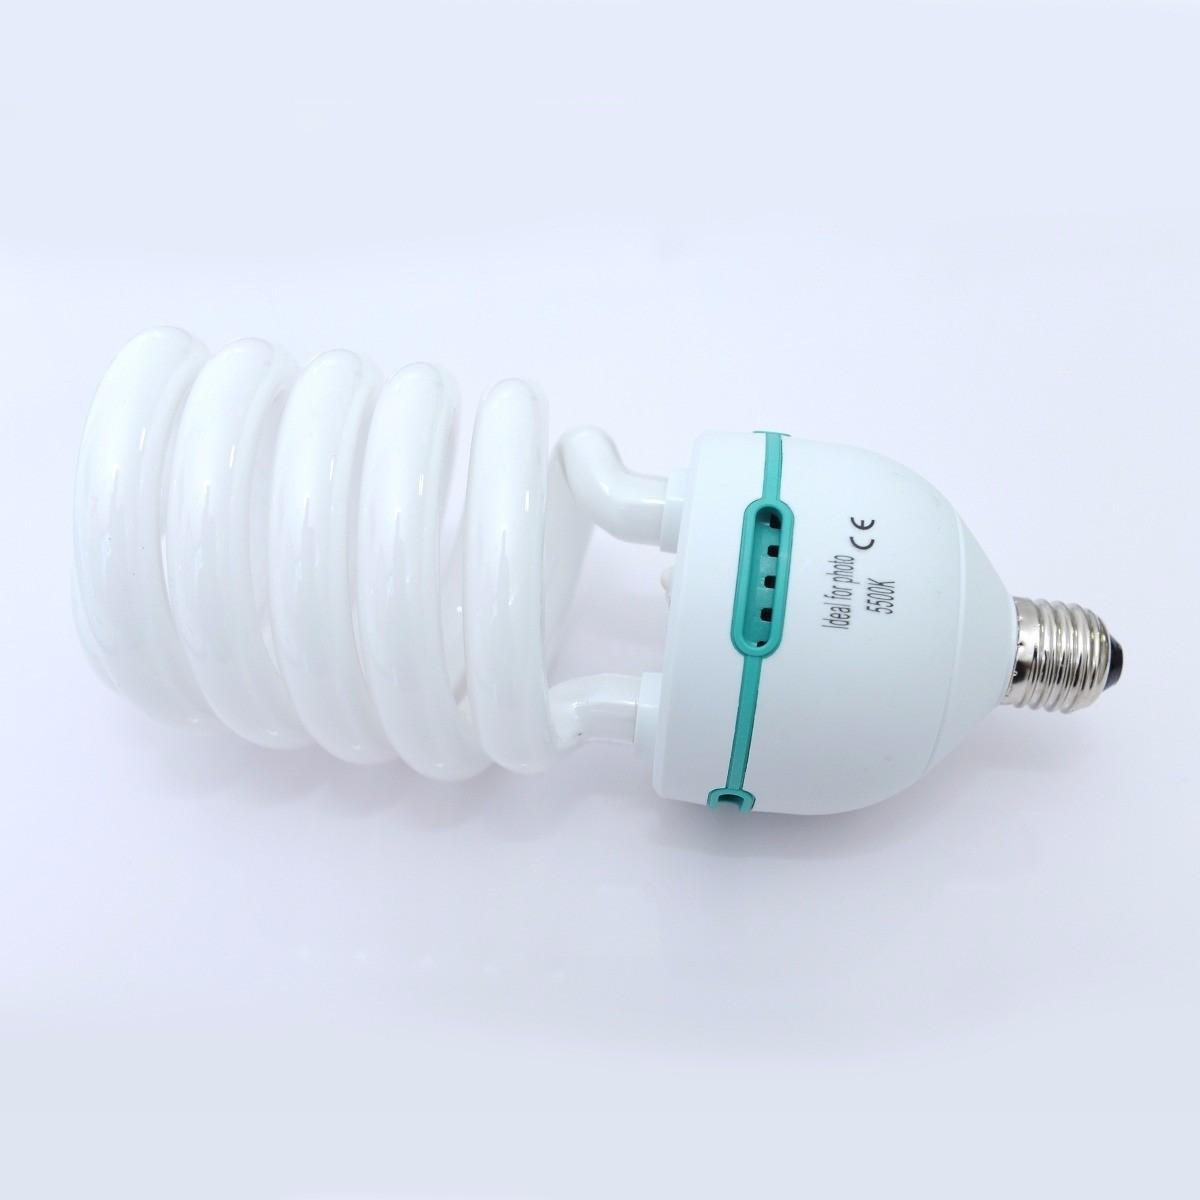 Kit De Iluminação Para Estudio Fotografico - Àgata 2 50 X 70 110v